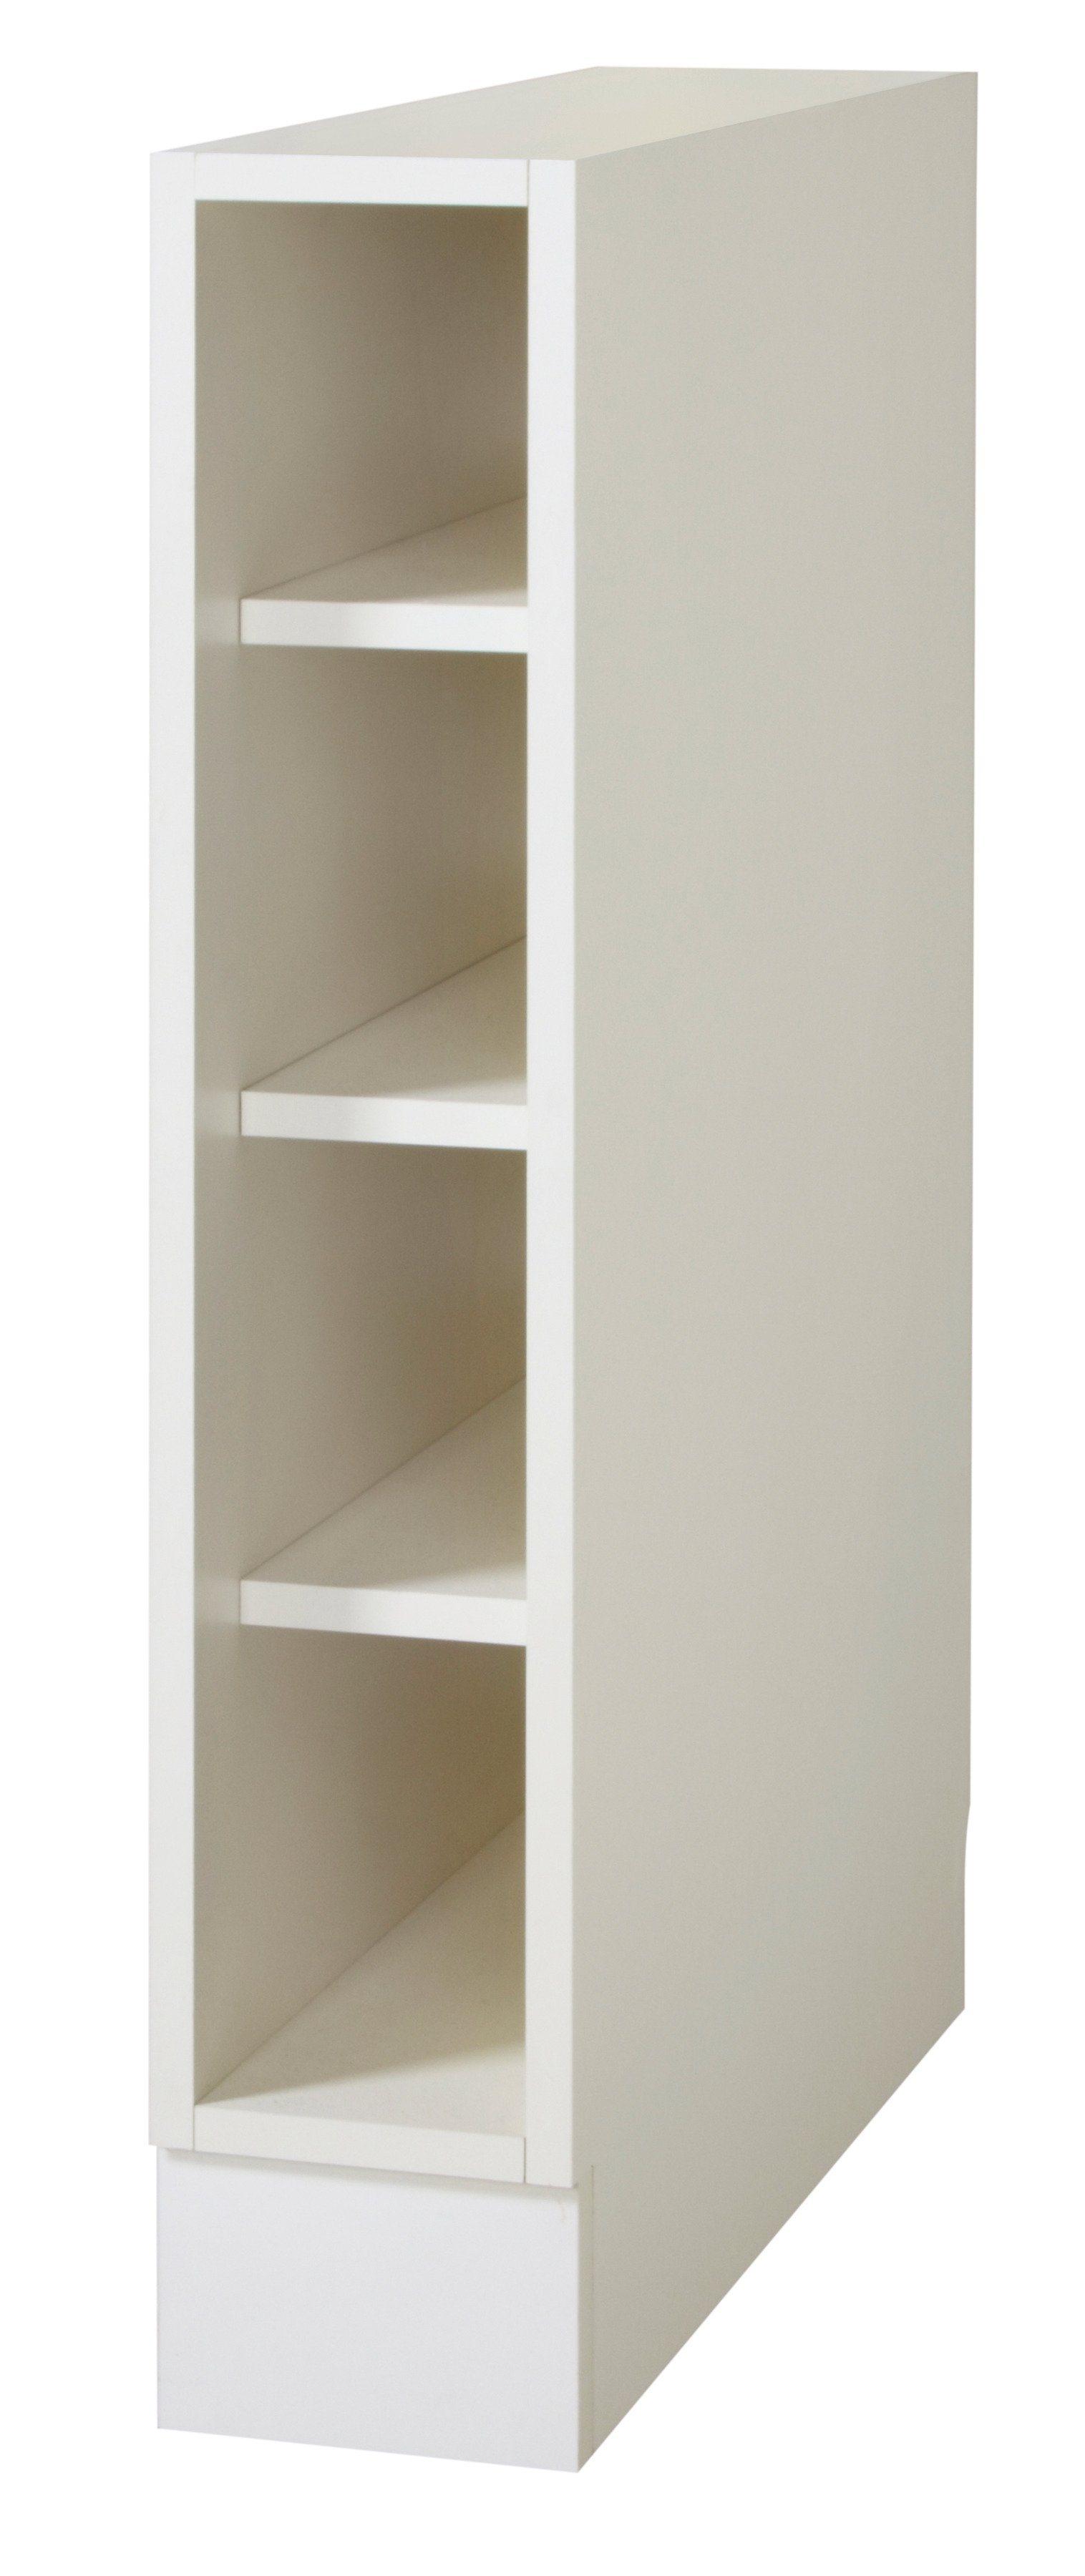 flaschenregal preisvergleich die besten angebote online kaufen. Black Bedroom Furniture Sets. Home Design Ideas